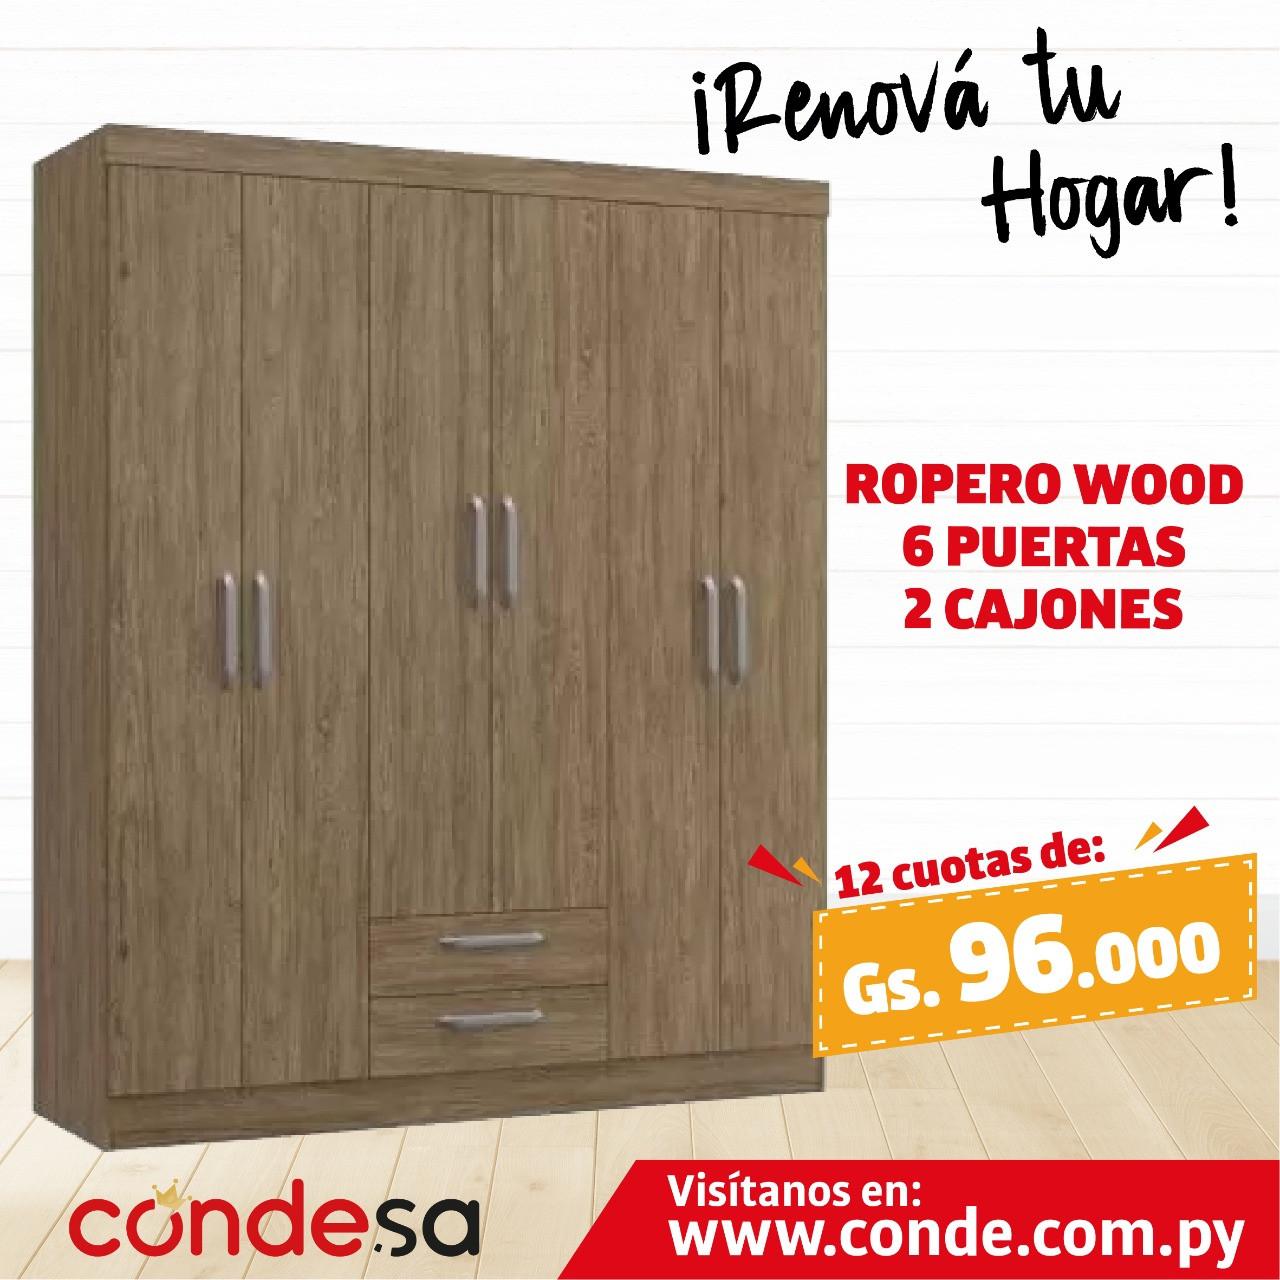 ROPERO WOOD 6P 2 CAJONES